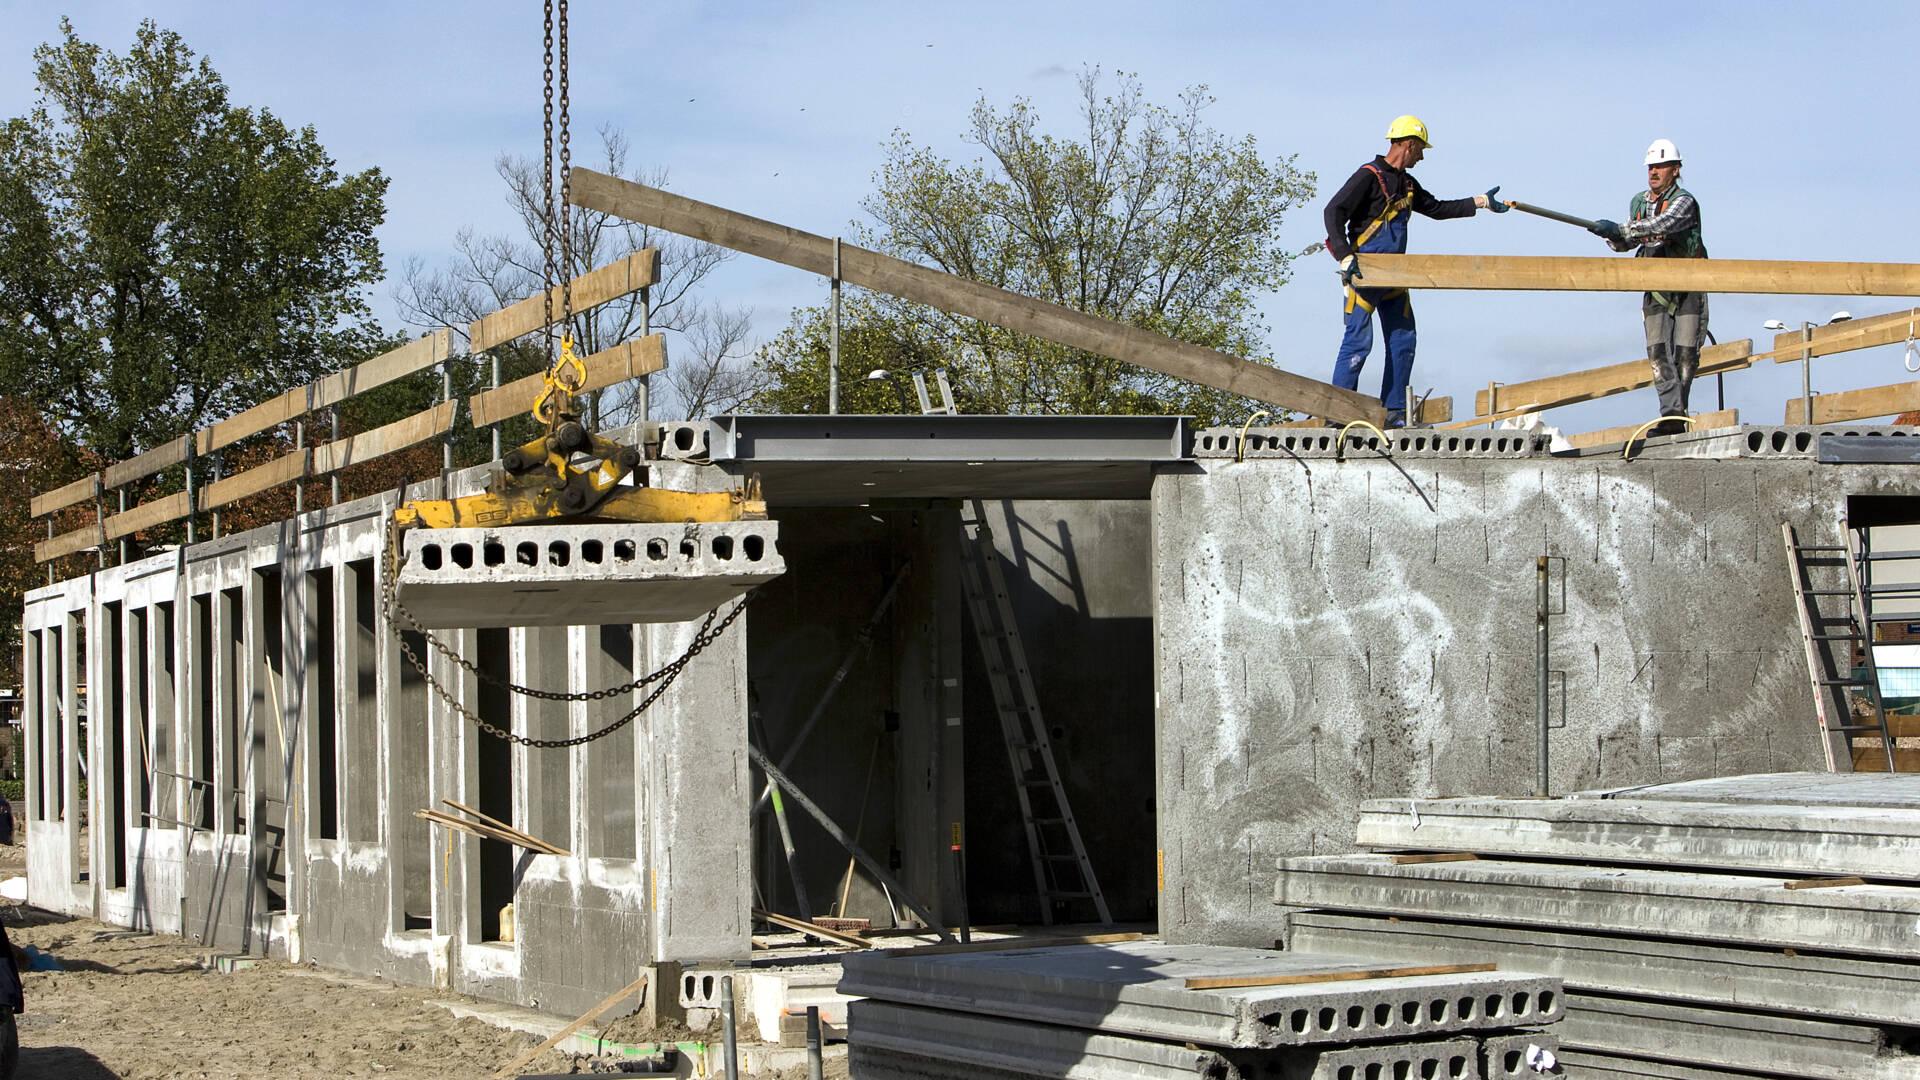 Noorden wil 220.000 extra woningen bouwen in ruil voor Lelylijn en Nedersaksenlijn